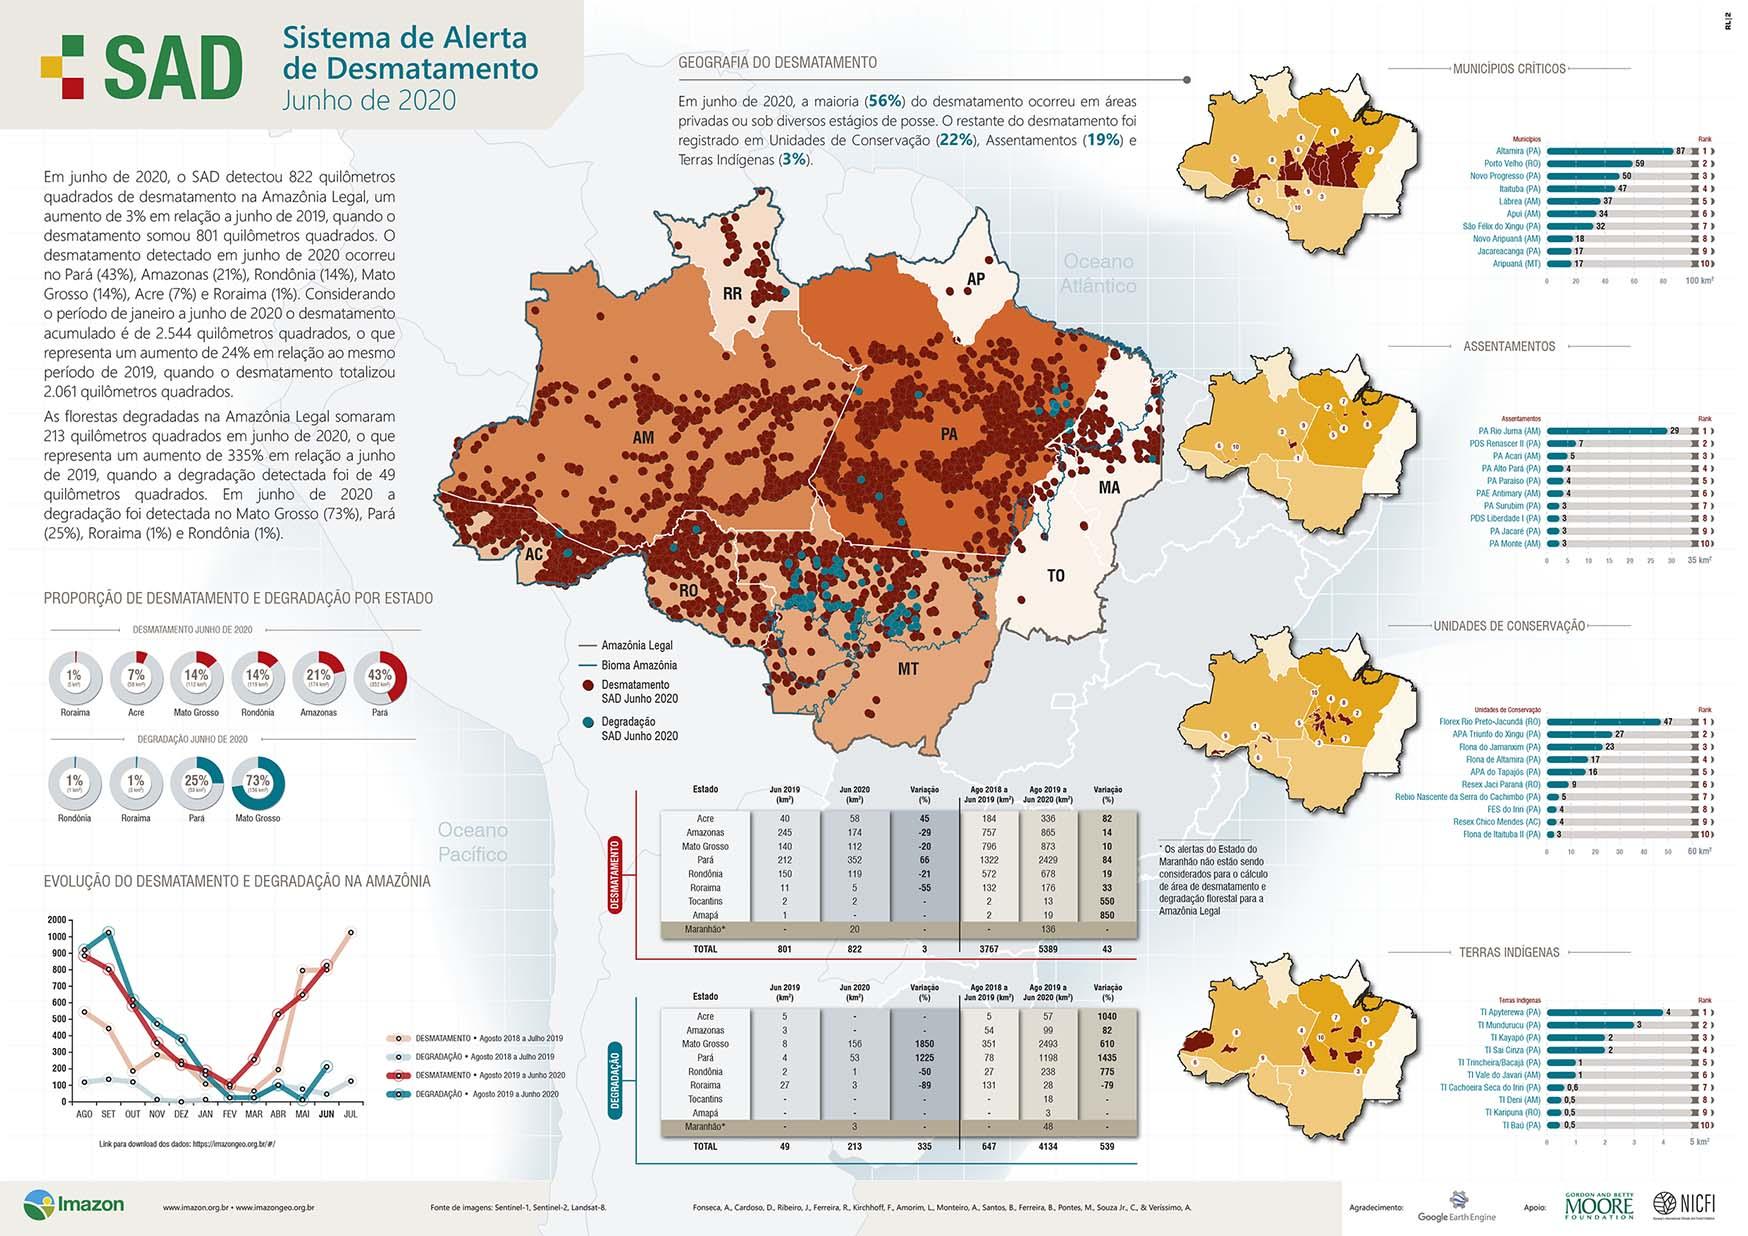 SAD junho 2020 - Boletim do Desmatamento da Amazônia Legal (junho 2020) SAD